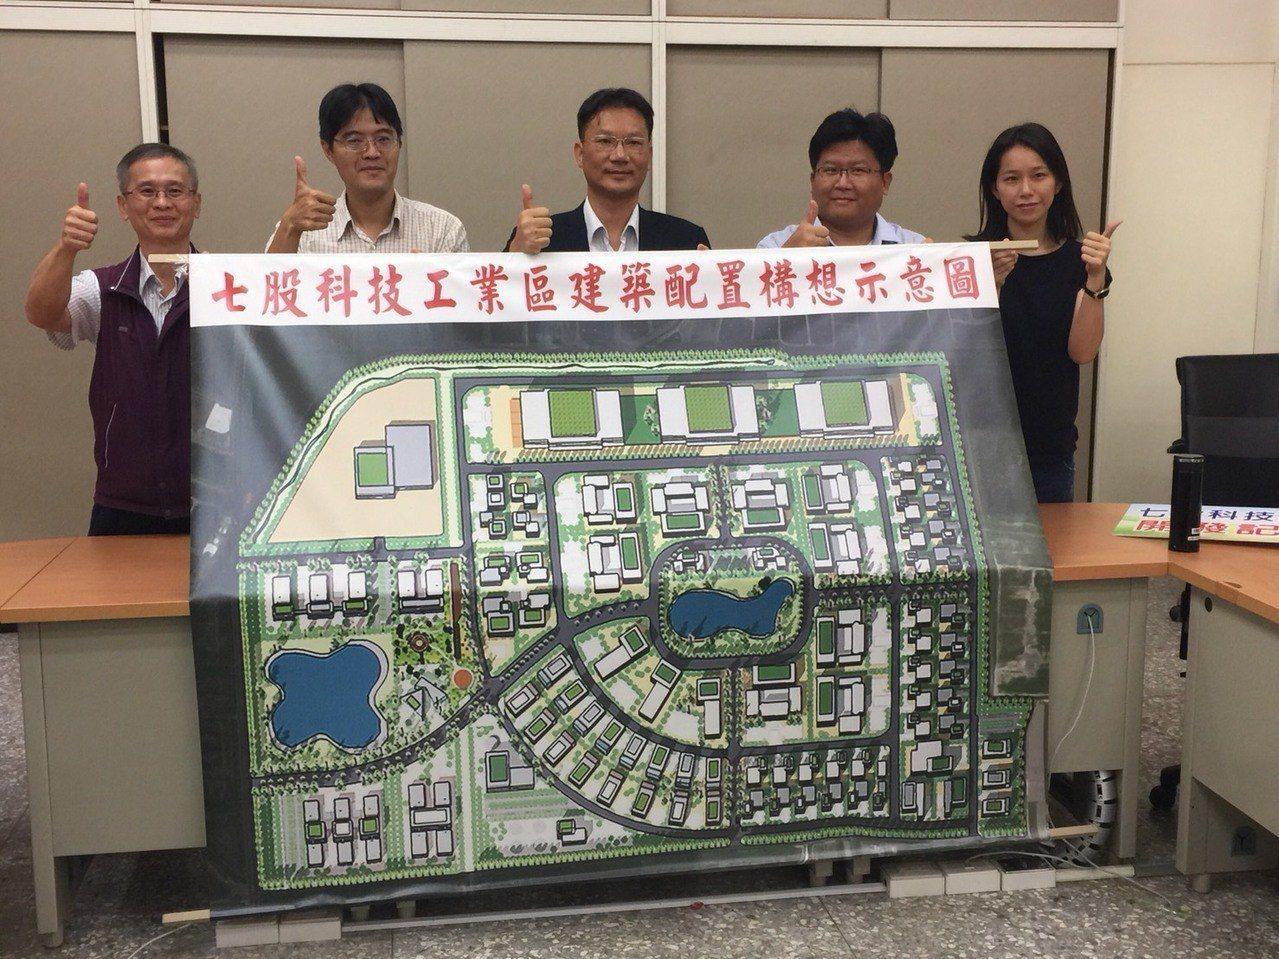 台南市經濟發展局預定108年啟動七股科技工業區開發。記者吳政修/攝影